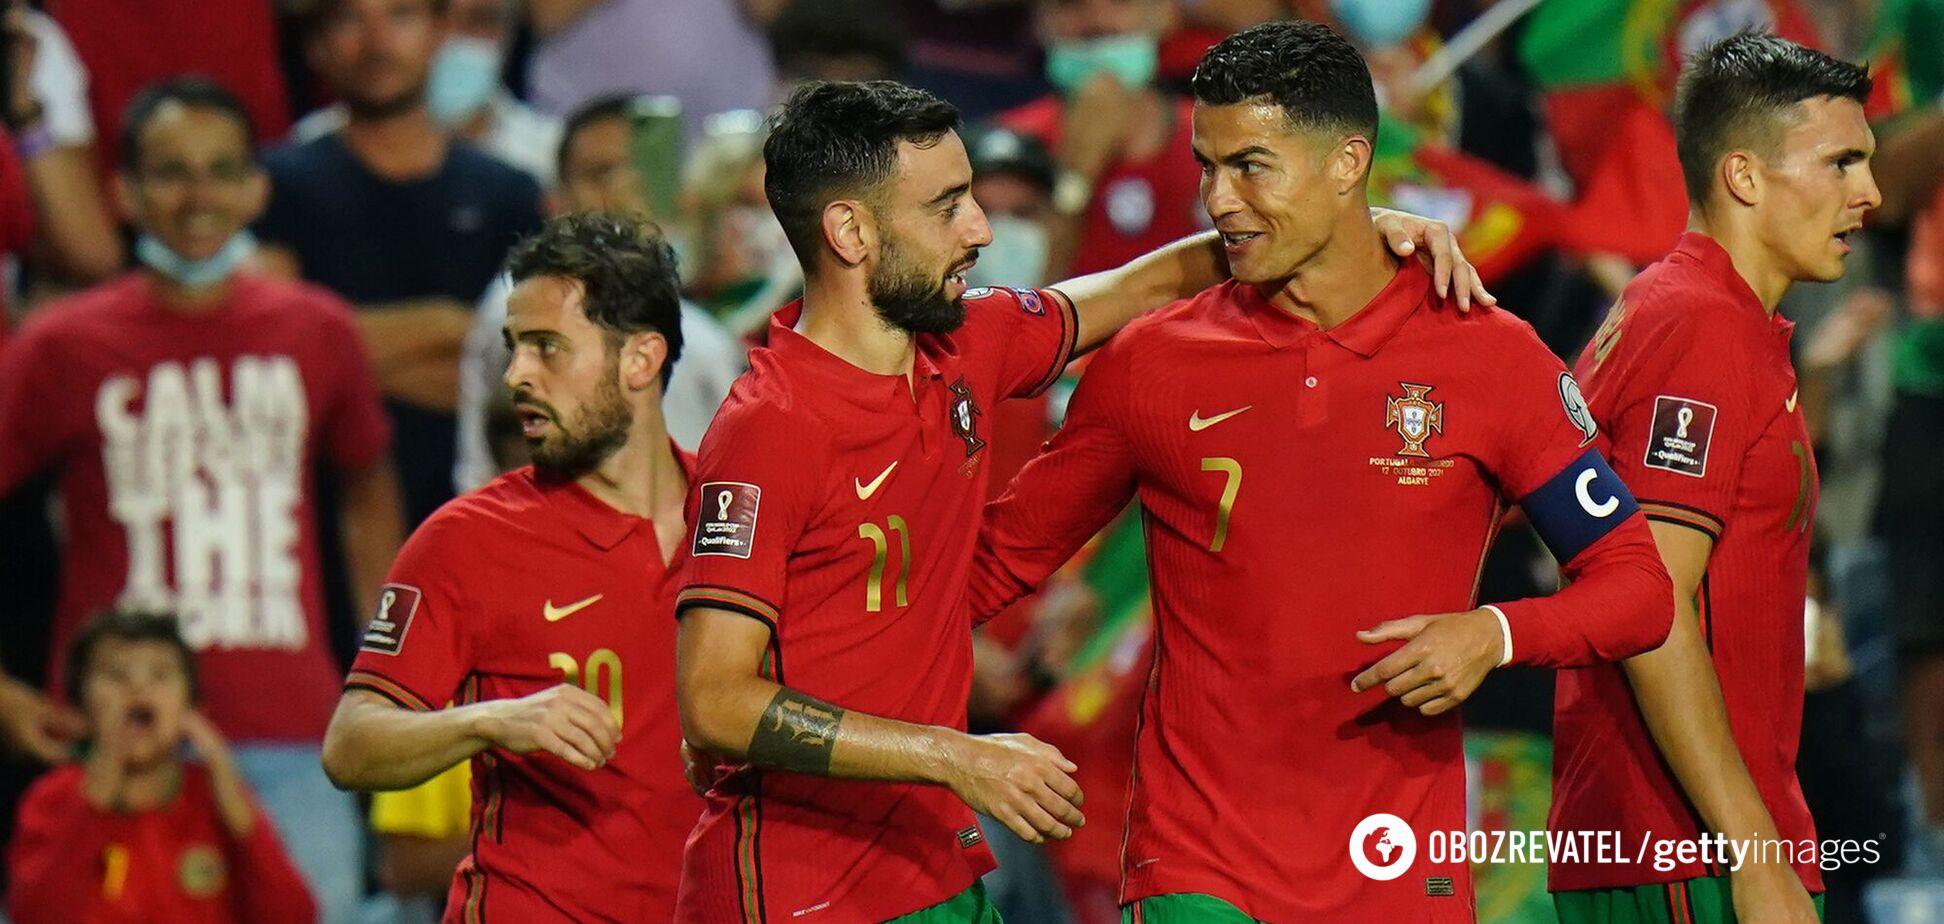 Роналду зробив хет-трик за збірну Португалії і оновив світовий гольовий рекорд. Відео